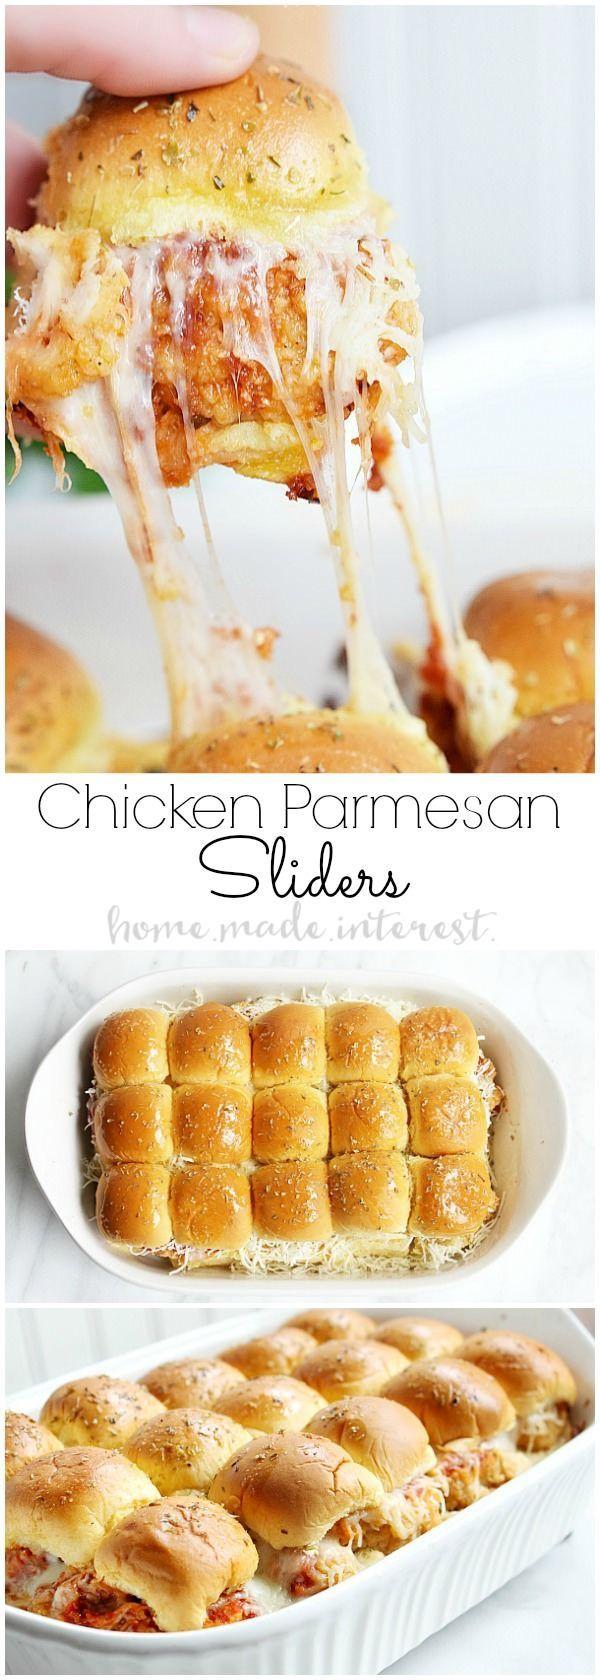 Chicken Parmesan Sliders Shari Bellizzi-Davis